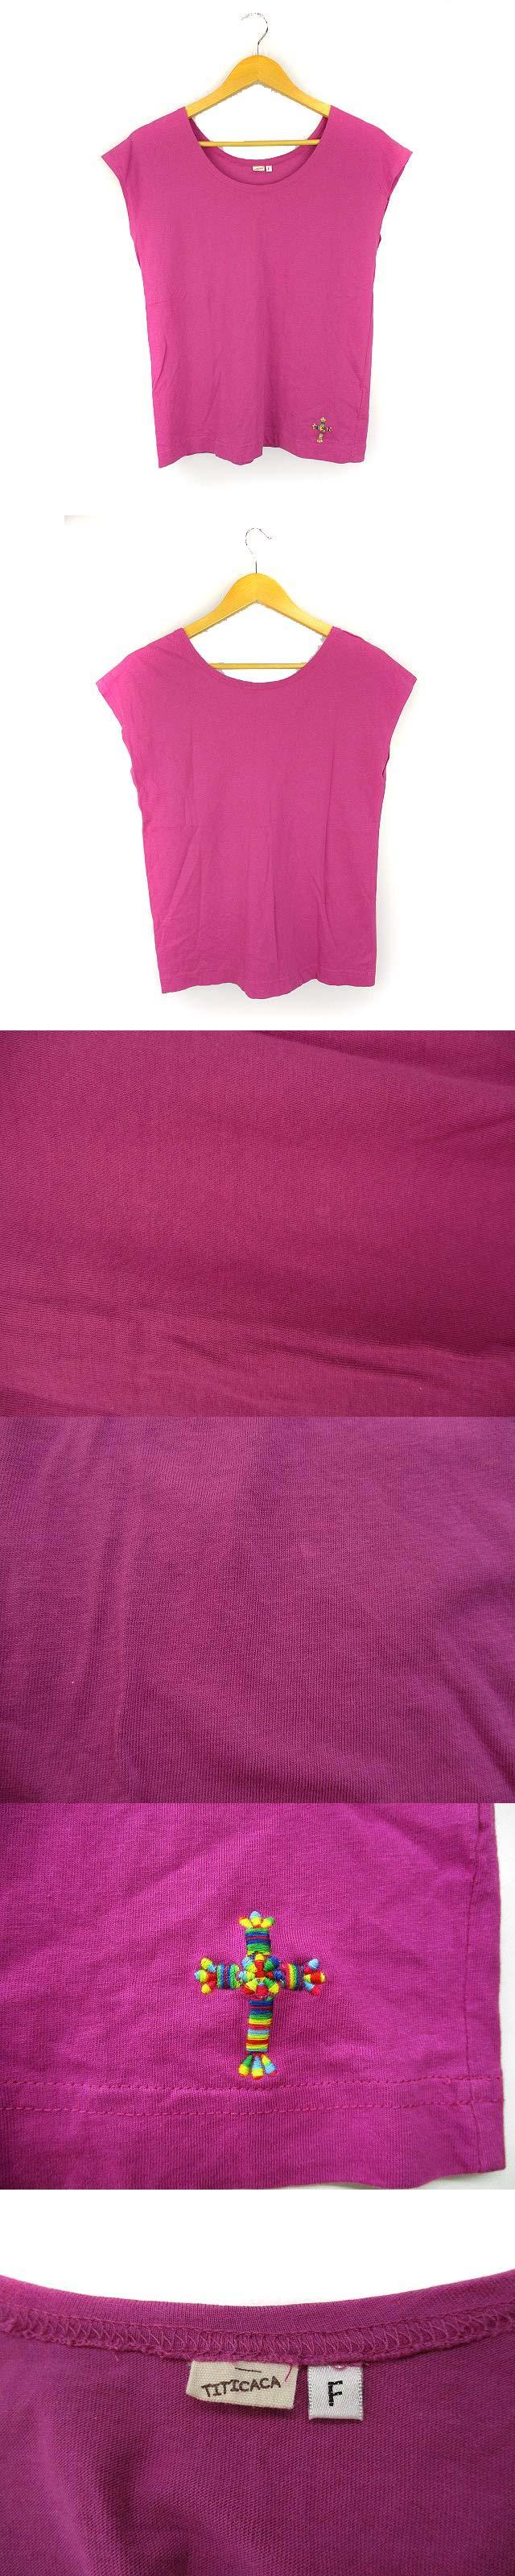 クルーネック ラウンドネック Tシャツ カットソー トップス 半袖 フレンチスリーブ 無地 パープル ピンク F